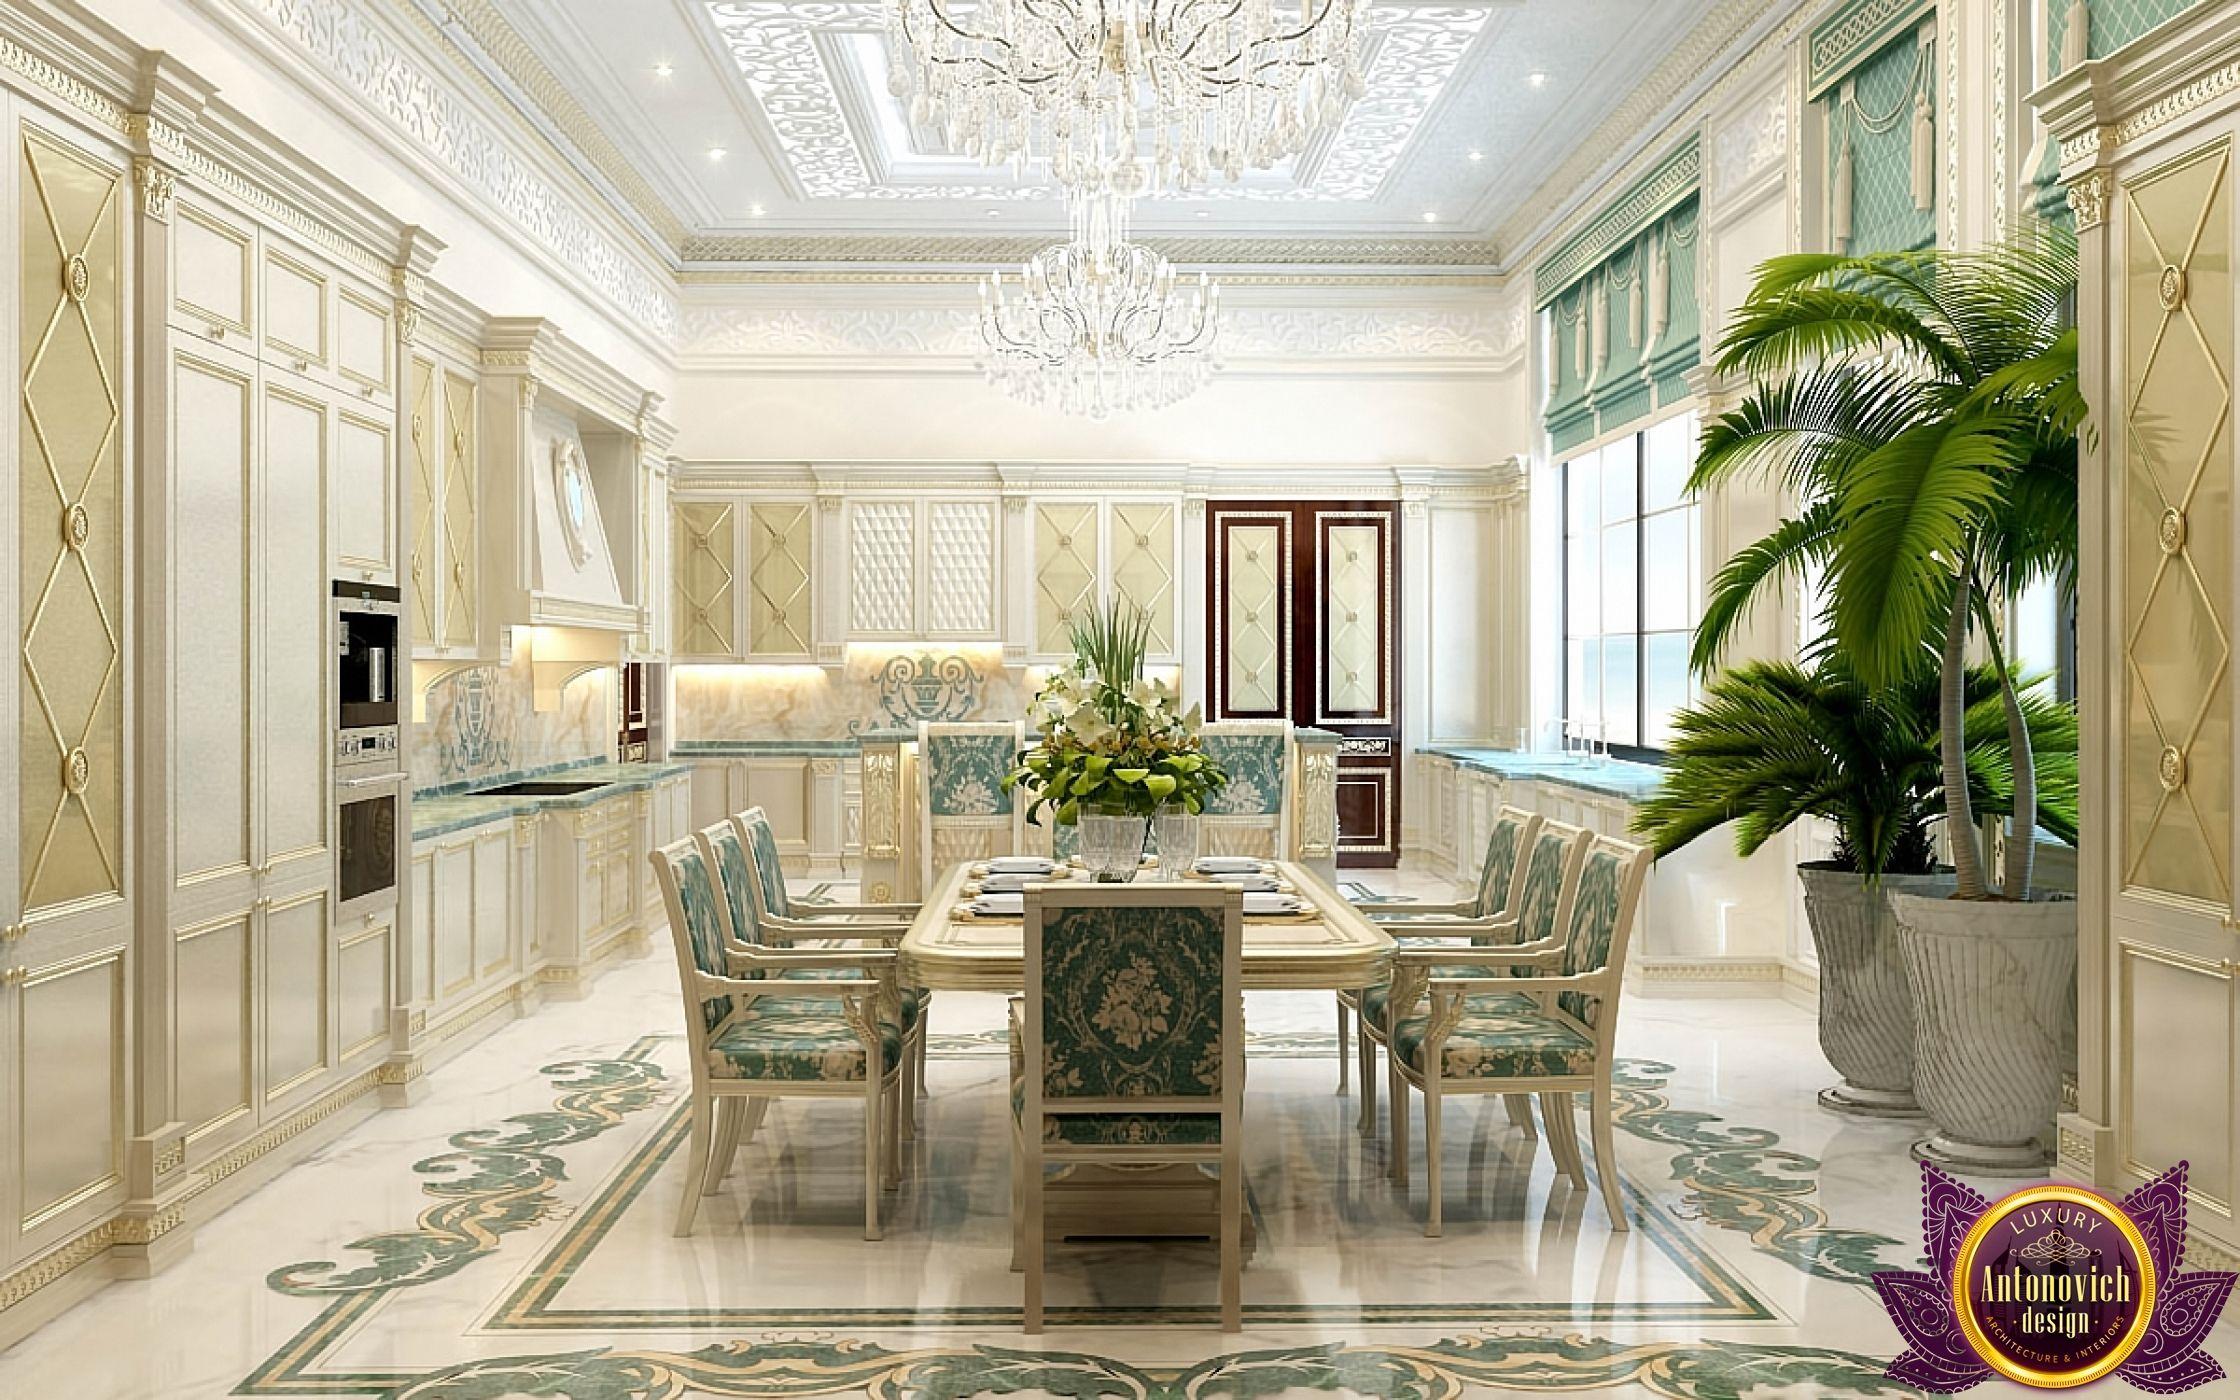 Kitchen Design in Dubai, Luxury Kitchen Design, Photo 4 | Bedroom ...